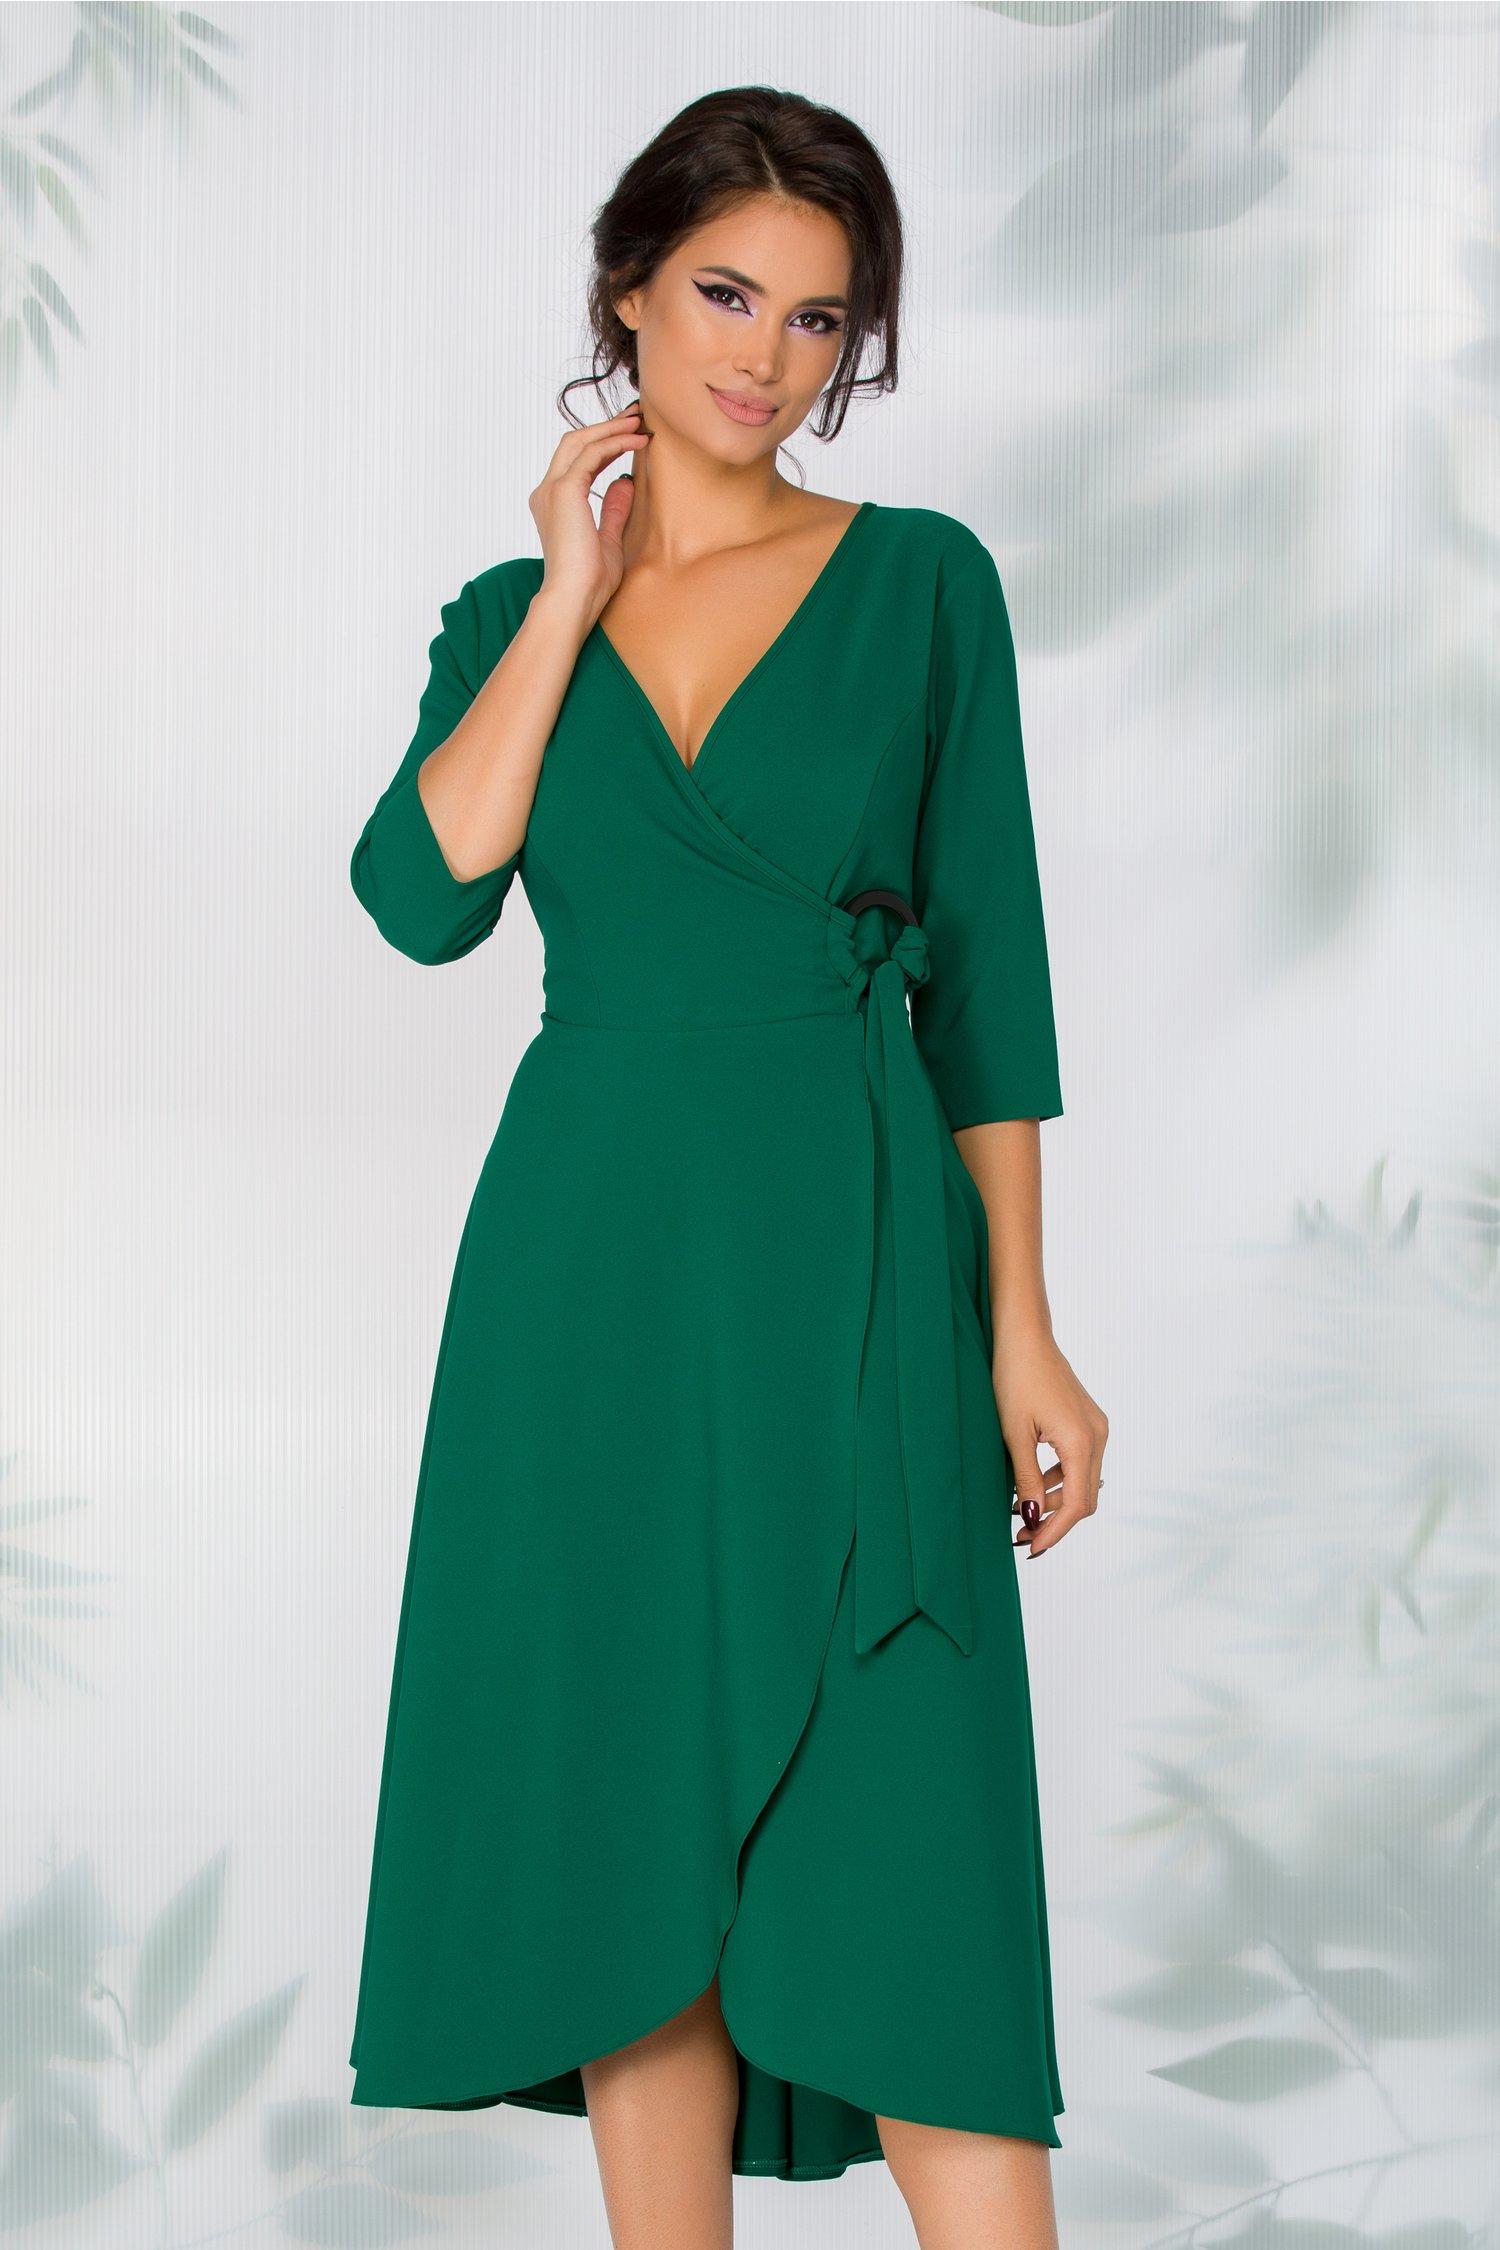 Rochie Leonella verde smarald cu aspect petrecut si detaliu metalic in talie